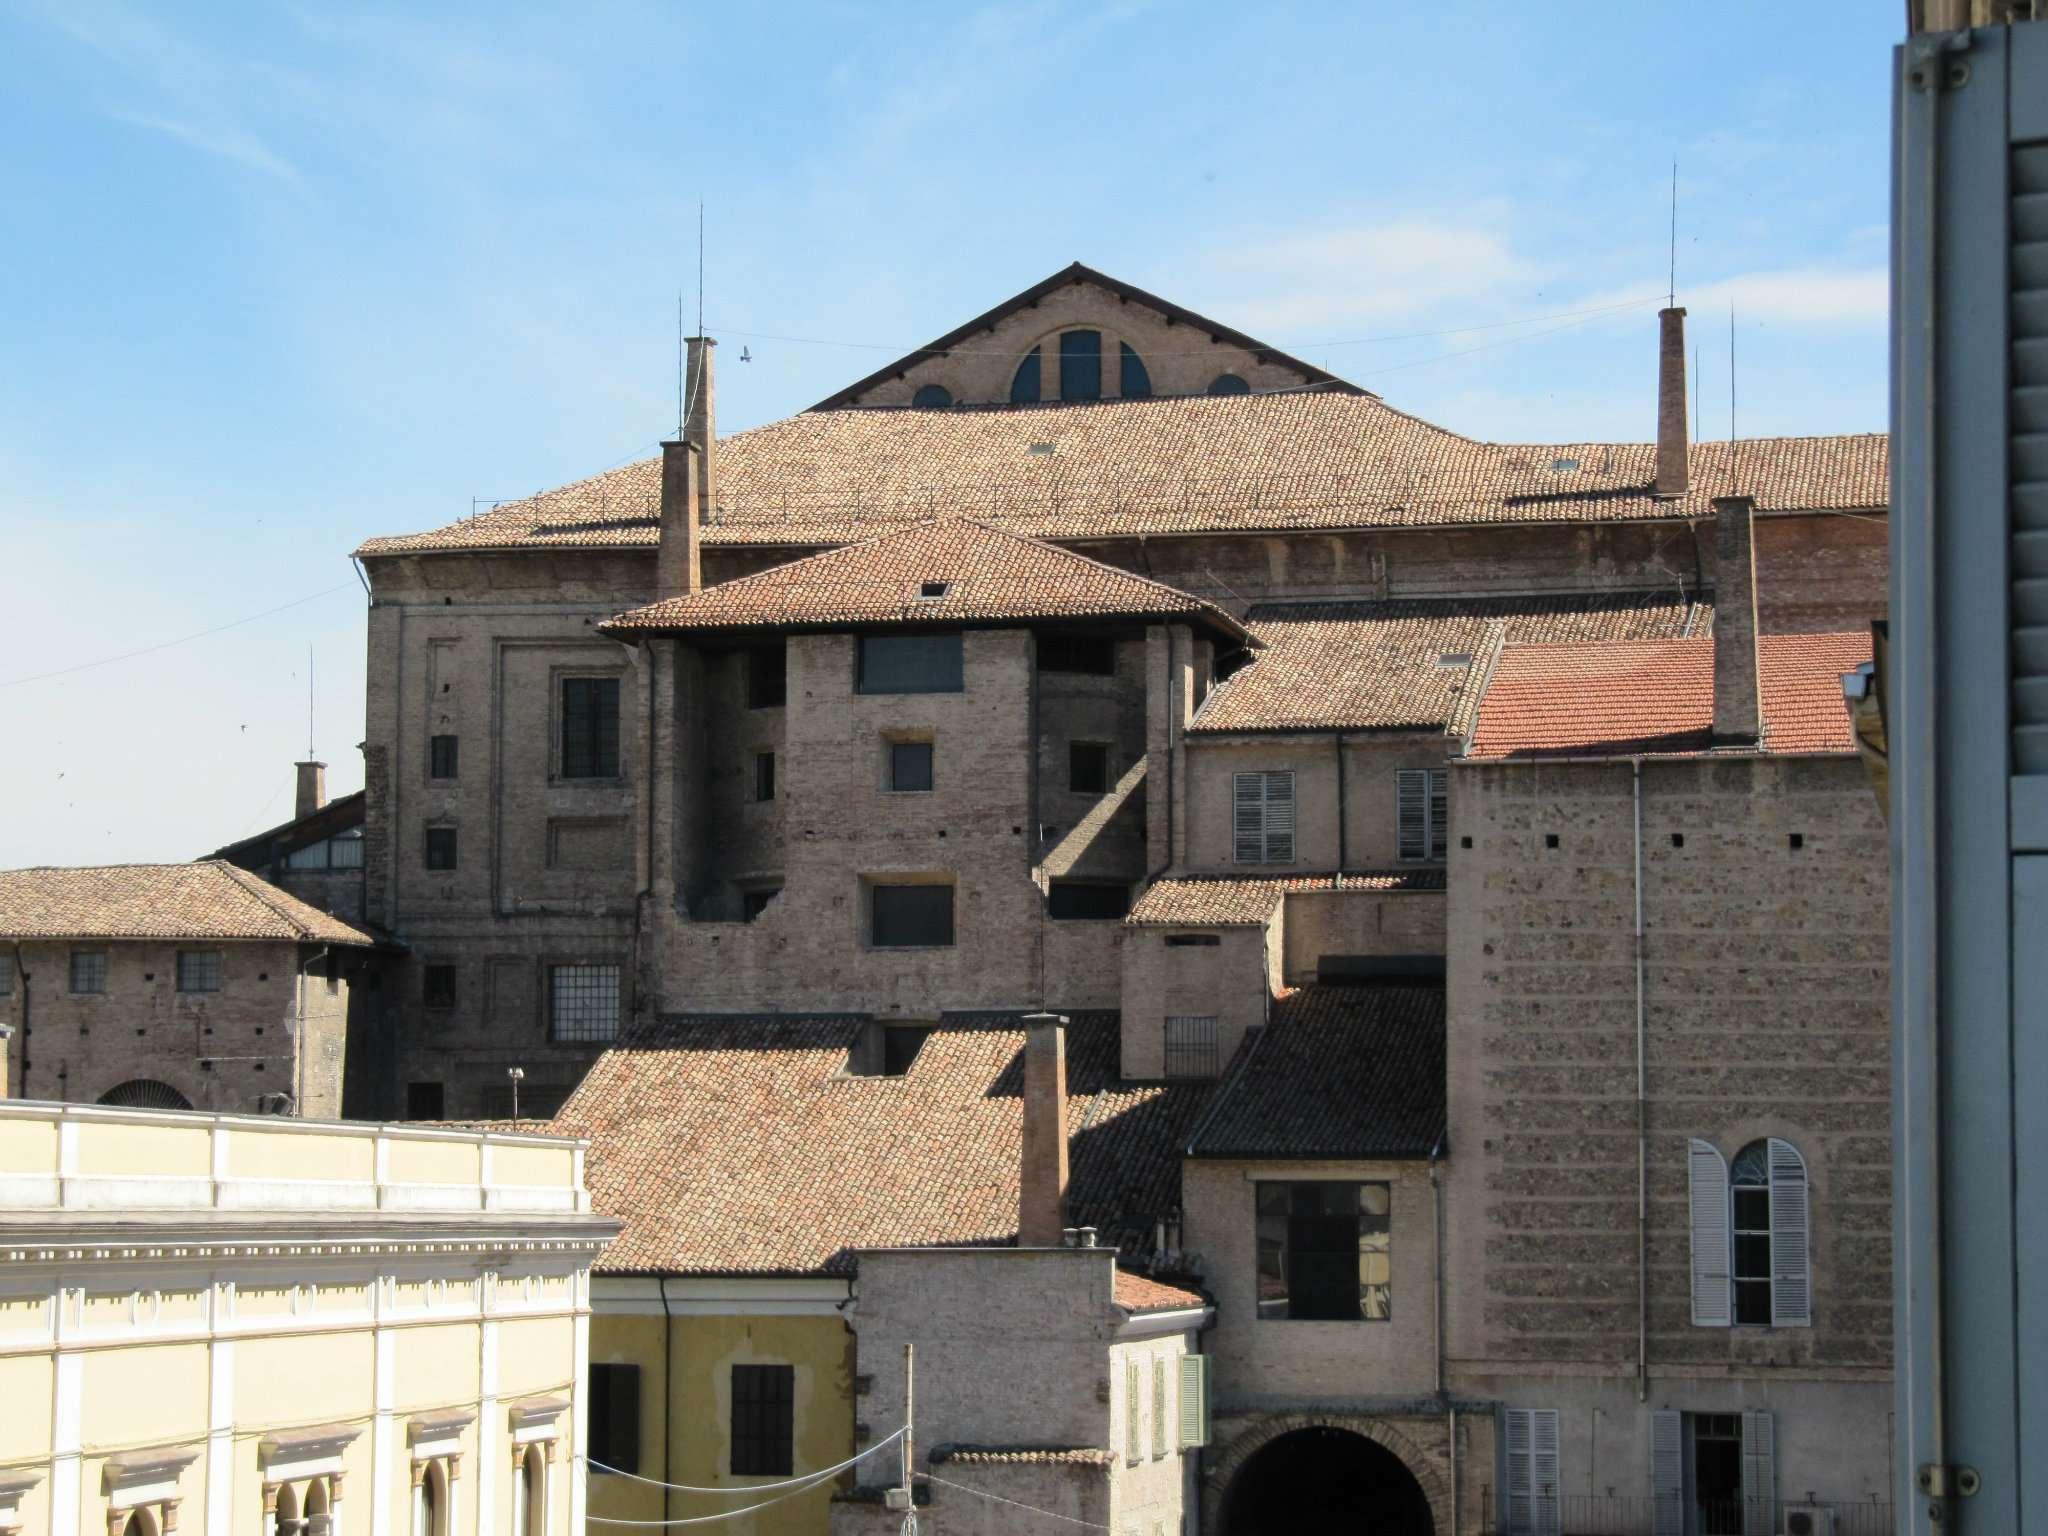 Casa tre camere centro storico parma in vendita waa2 for Casa di 700 metri quadrati in vendita